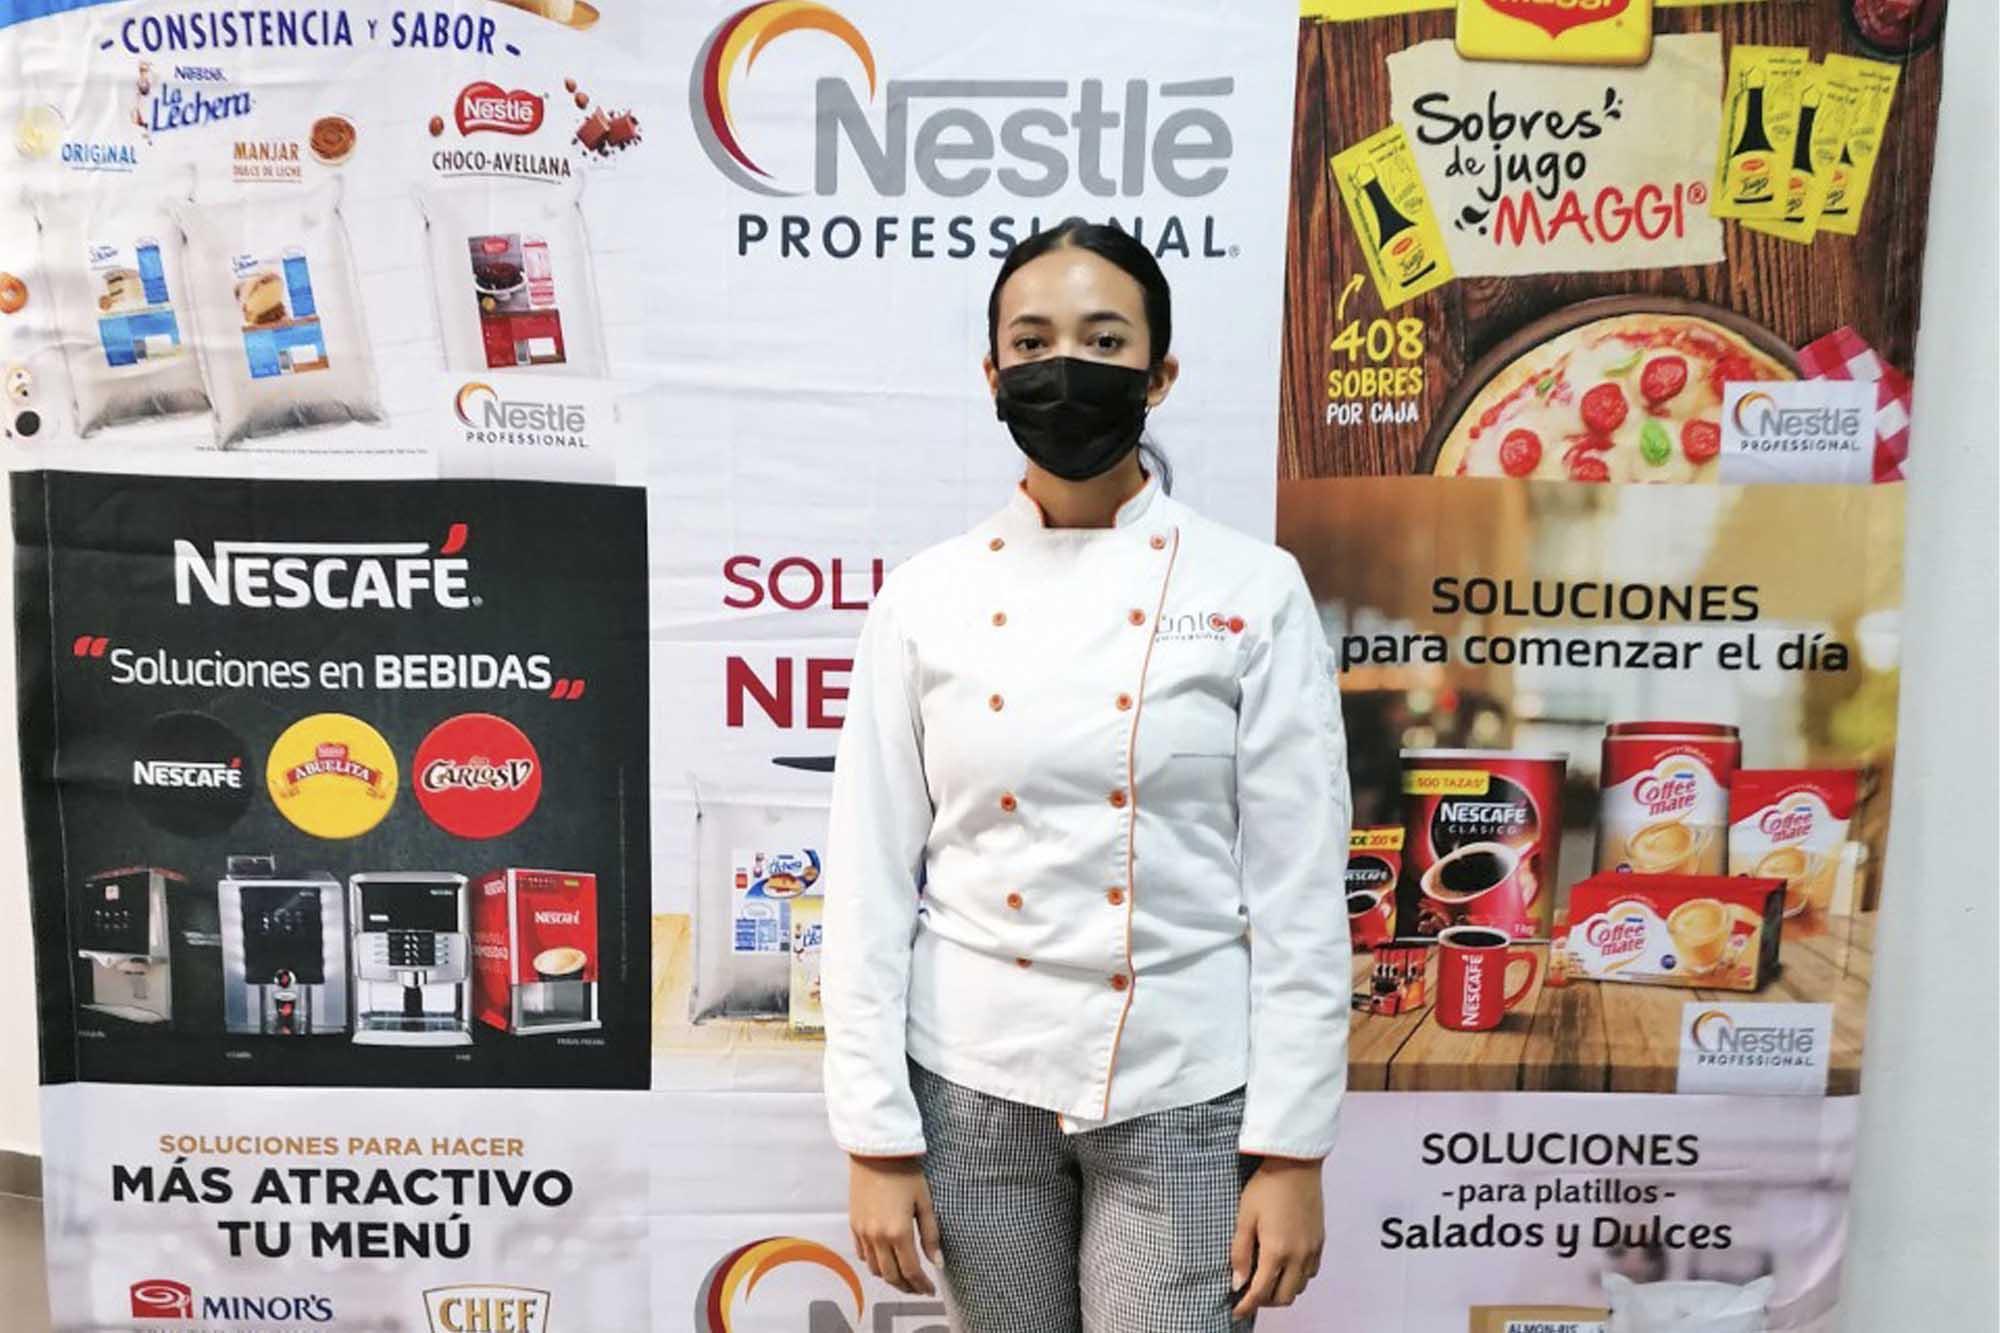 Concurso Nestlé 310521